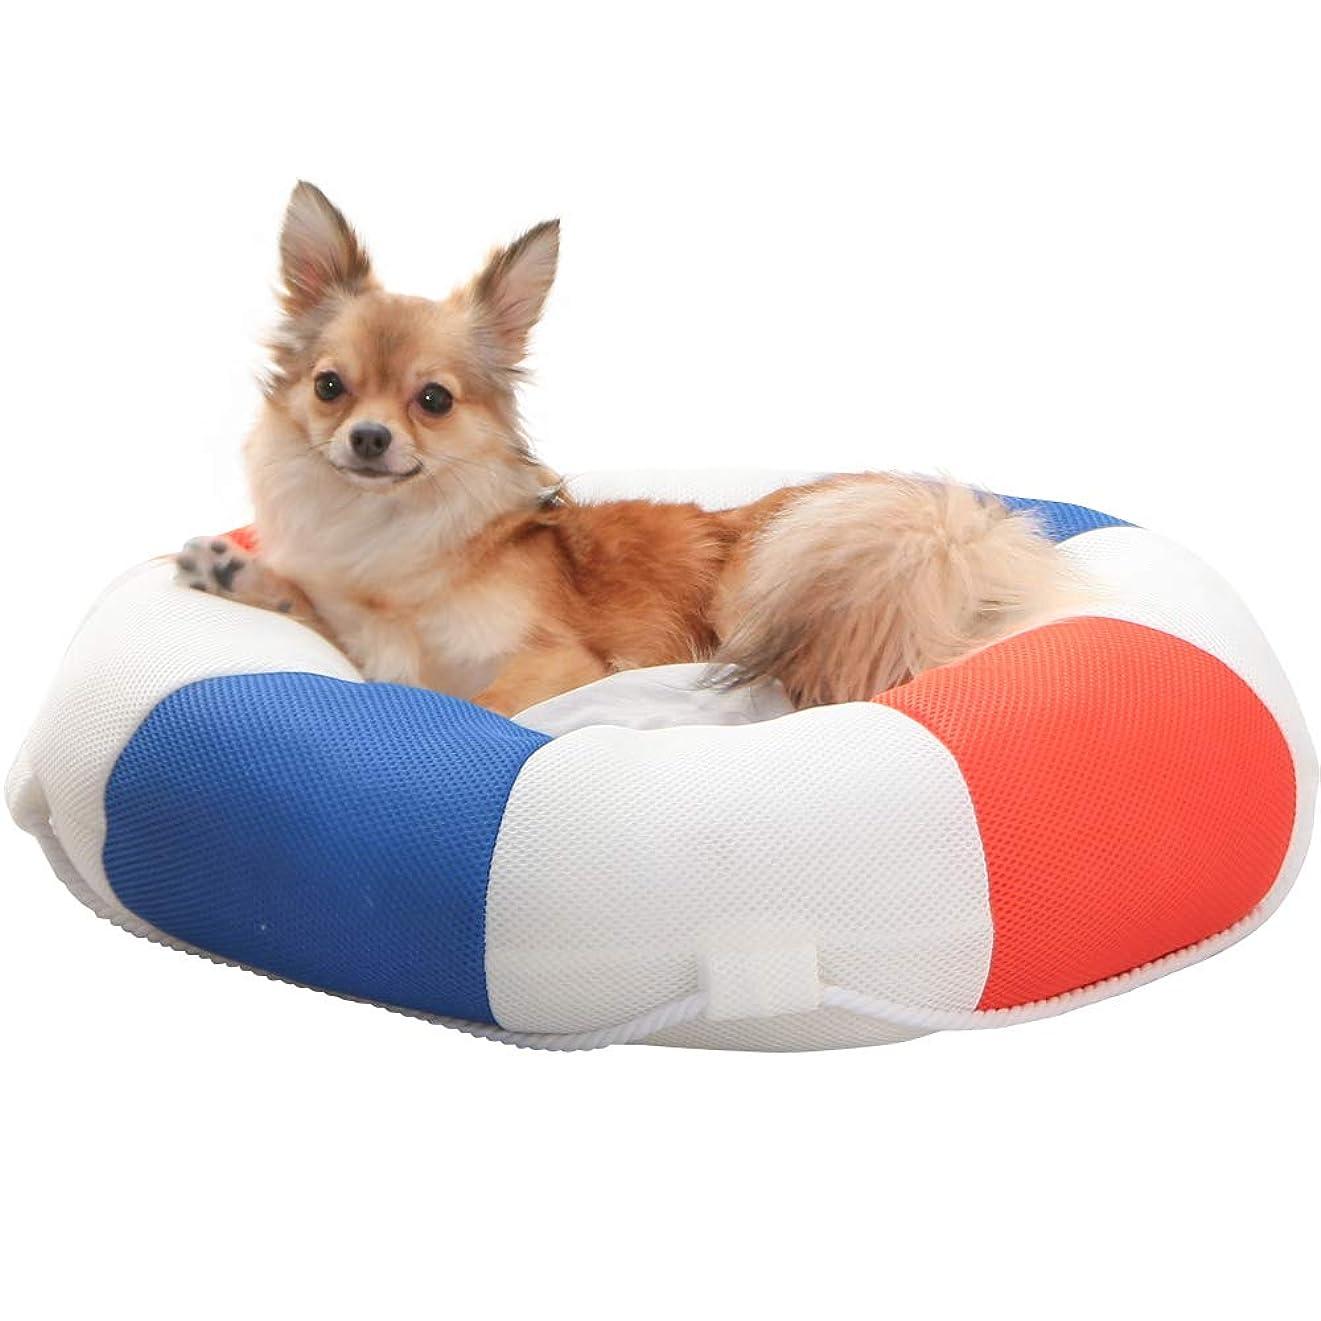 タービン聡明ドナウ川チヤミ ペットソファー ペットベッド 猫用 犬用 椅子型 可愛い 寝台 室内用 ペット用品(ホワイト)